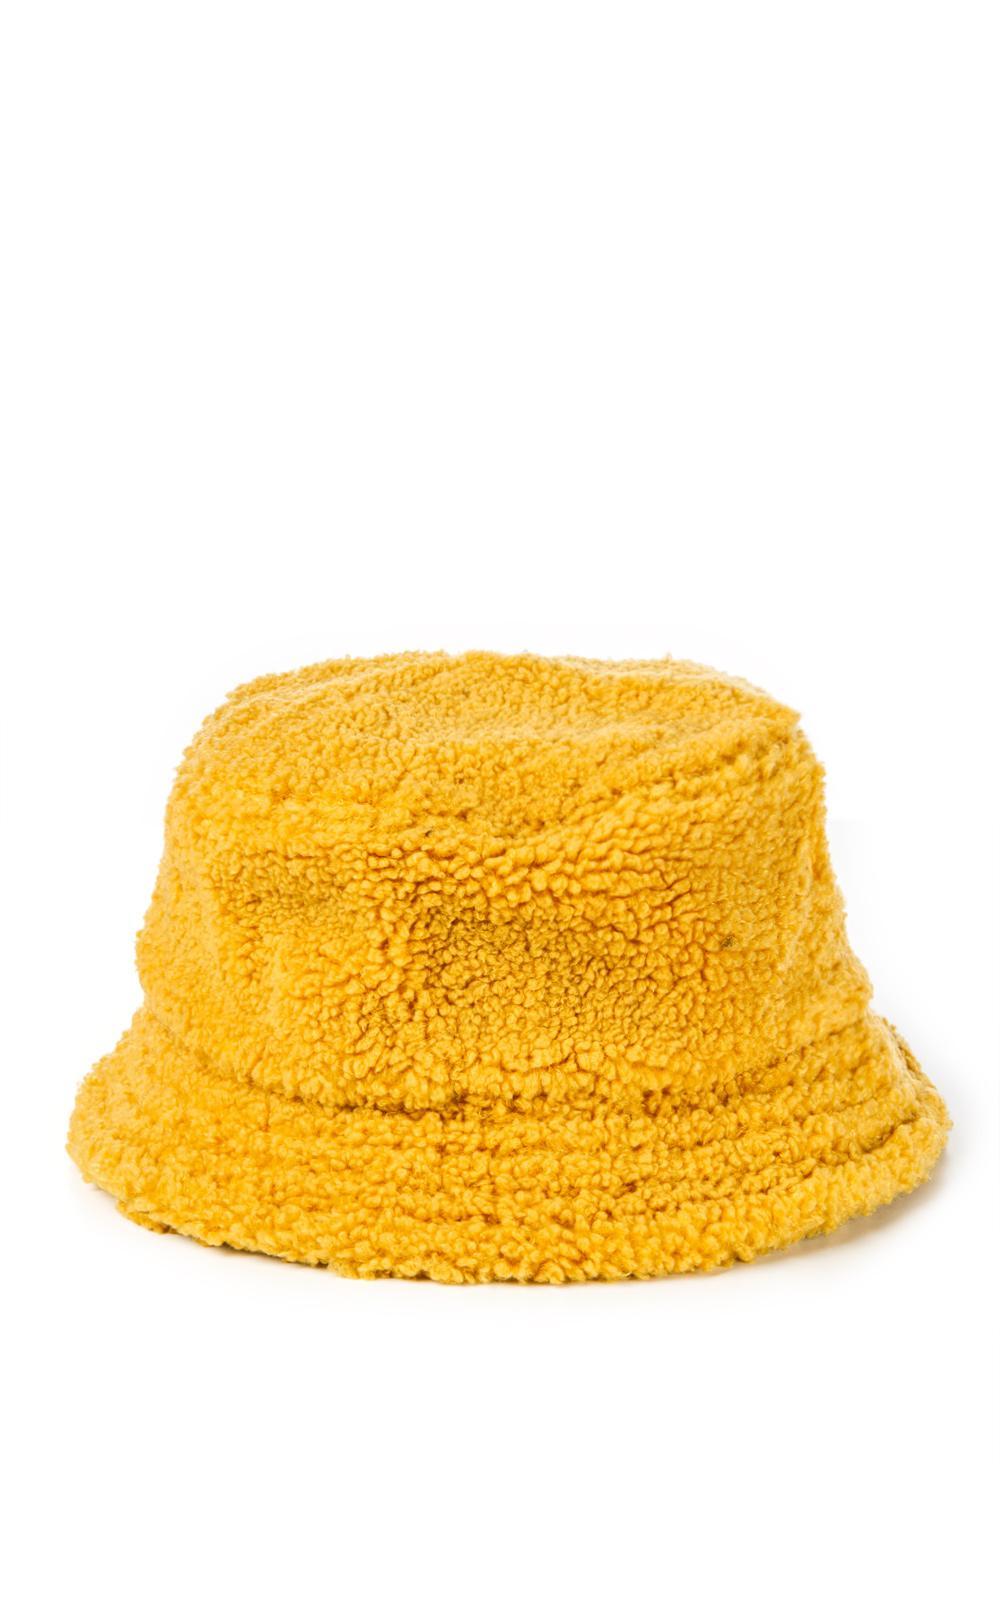 Lyst - Stussy Sherpa Fleece Bucket Hat in Yellow for Men d2a0c29fc